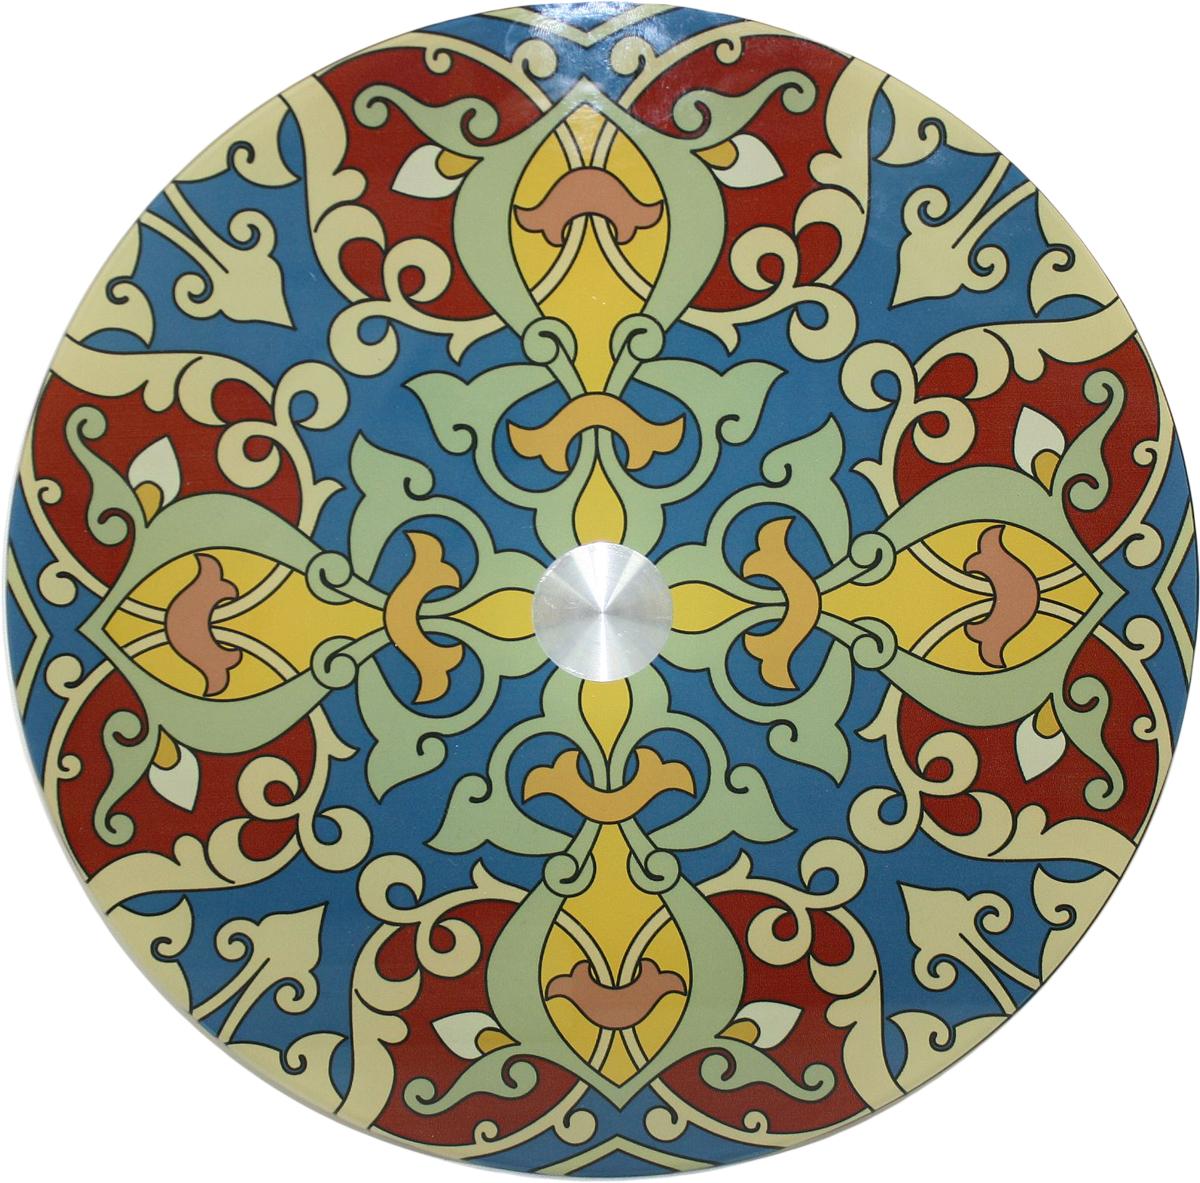 Блюдо Vellarti Восточный орнамент, вращающееся, диаметр 30 см. 21700302170030Круглое блюдо Vellarti Восточный орнамент выполнено из высококачественного стекла и дополнено красивымпринтом. Блюдо оснащено небольшой круглой подставкой и крутящимся механизмом.Изделие отлично подходит для сервировки закусок, нарезок, канапе, горячих блюд и многогодругого.Такое блюдо замечательно для торжественных случаев. Оно дополнит сервировкупраздничного стола и подчеркнет ваш прекрасный вкус. Диаметр блюда: 30 см.